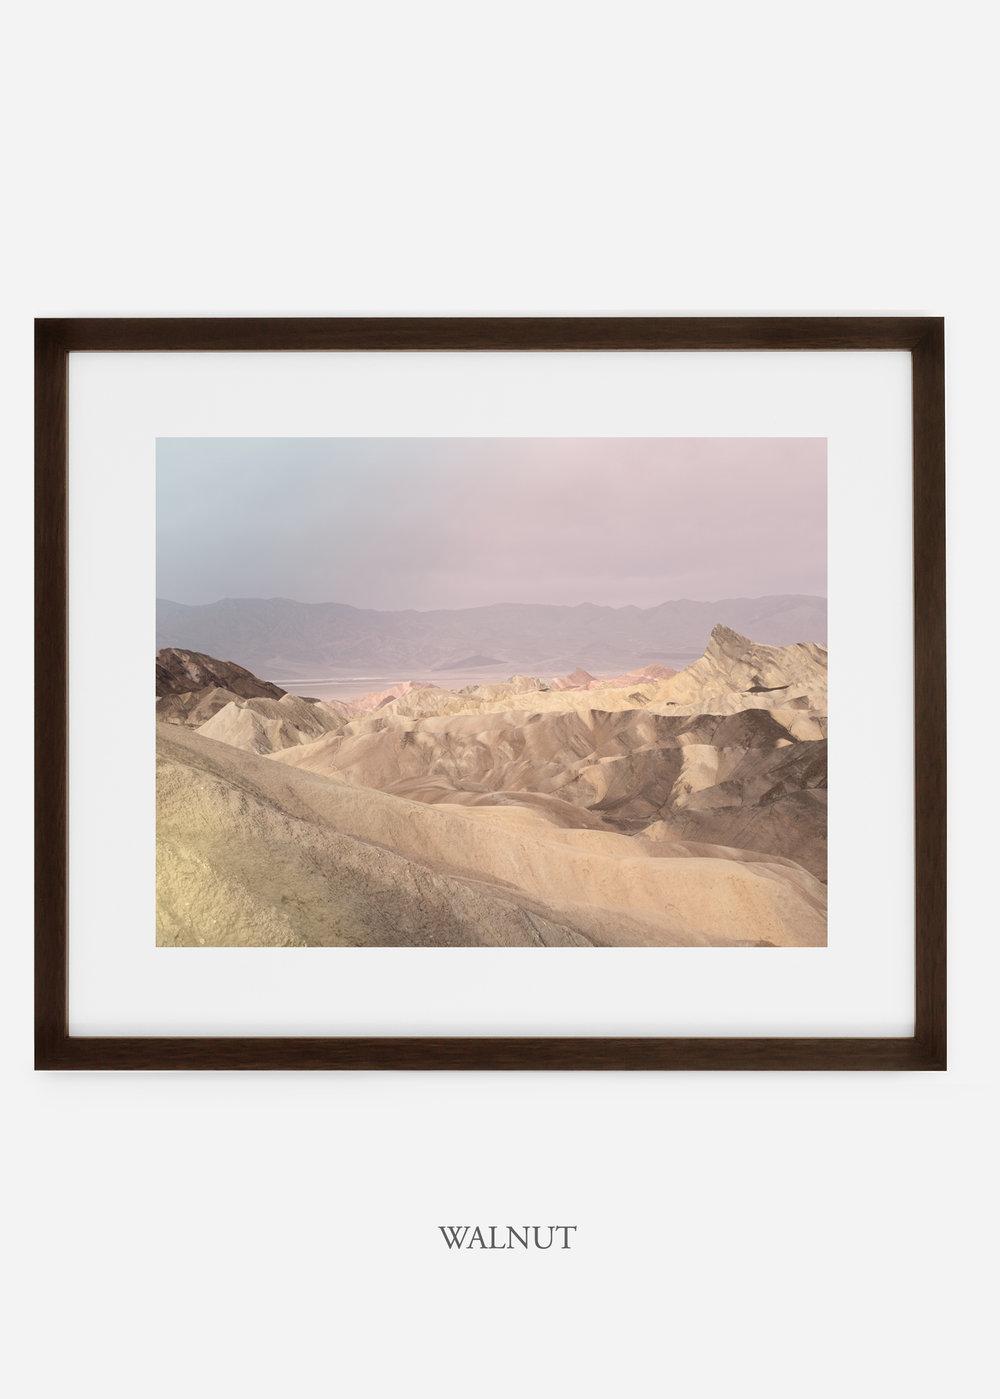 wildercalifornia_walnutframe_deathvalley_10_minimal_cactus_art_interiordesign_blackandwhite.jpg